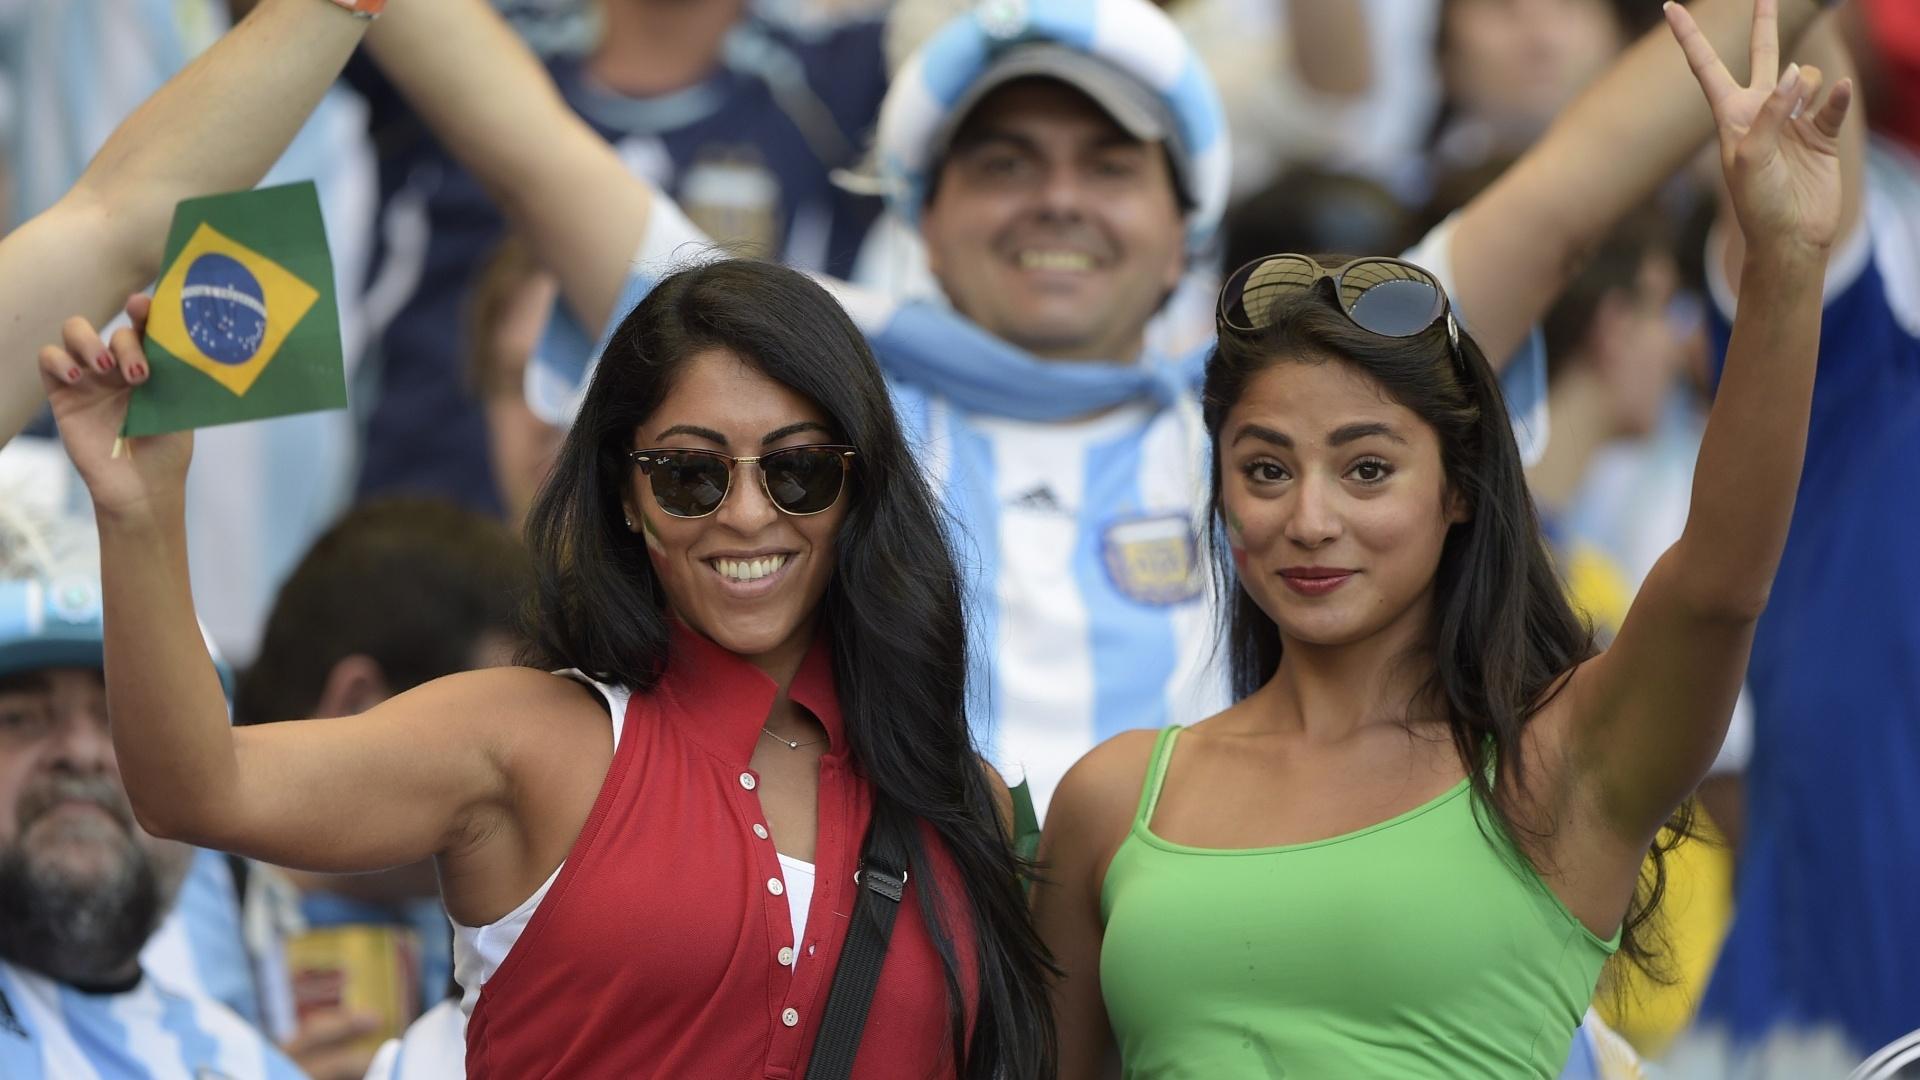 Com a bandeira do Brasil na mão e a do Irã no rosto, belas torcedores assistem ao jogo contra a Argentina no Mineirão